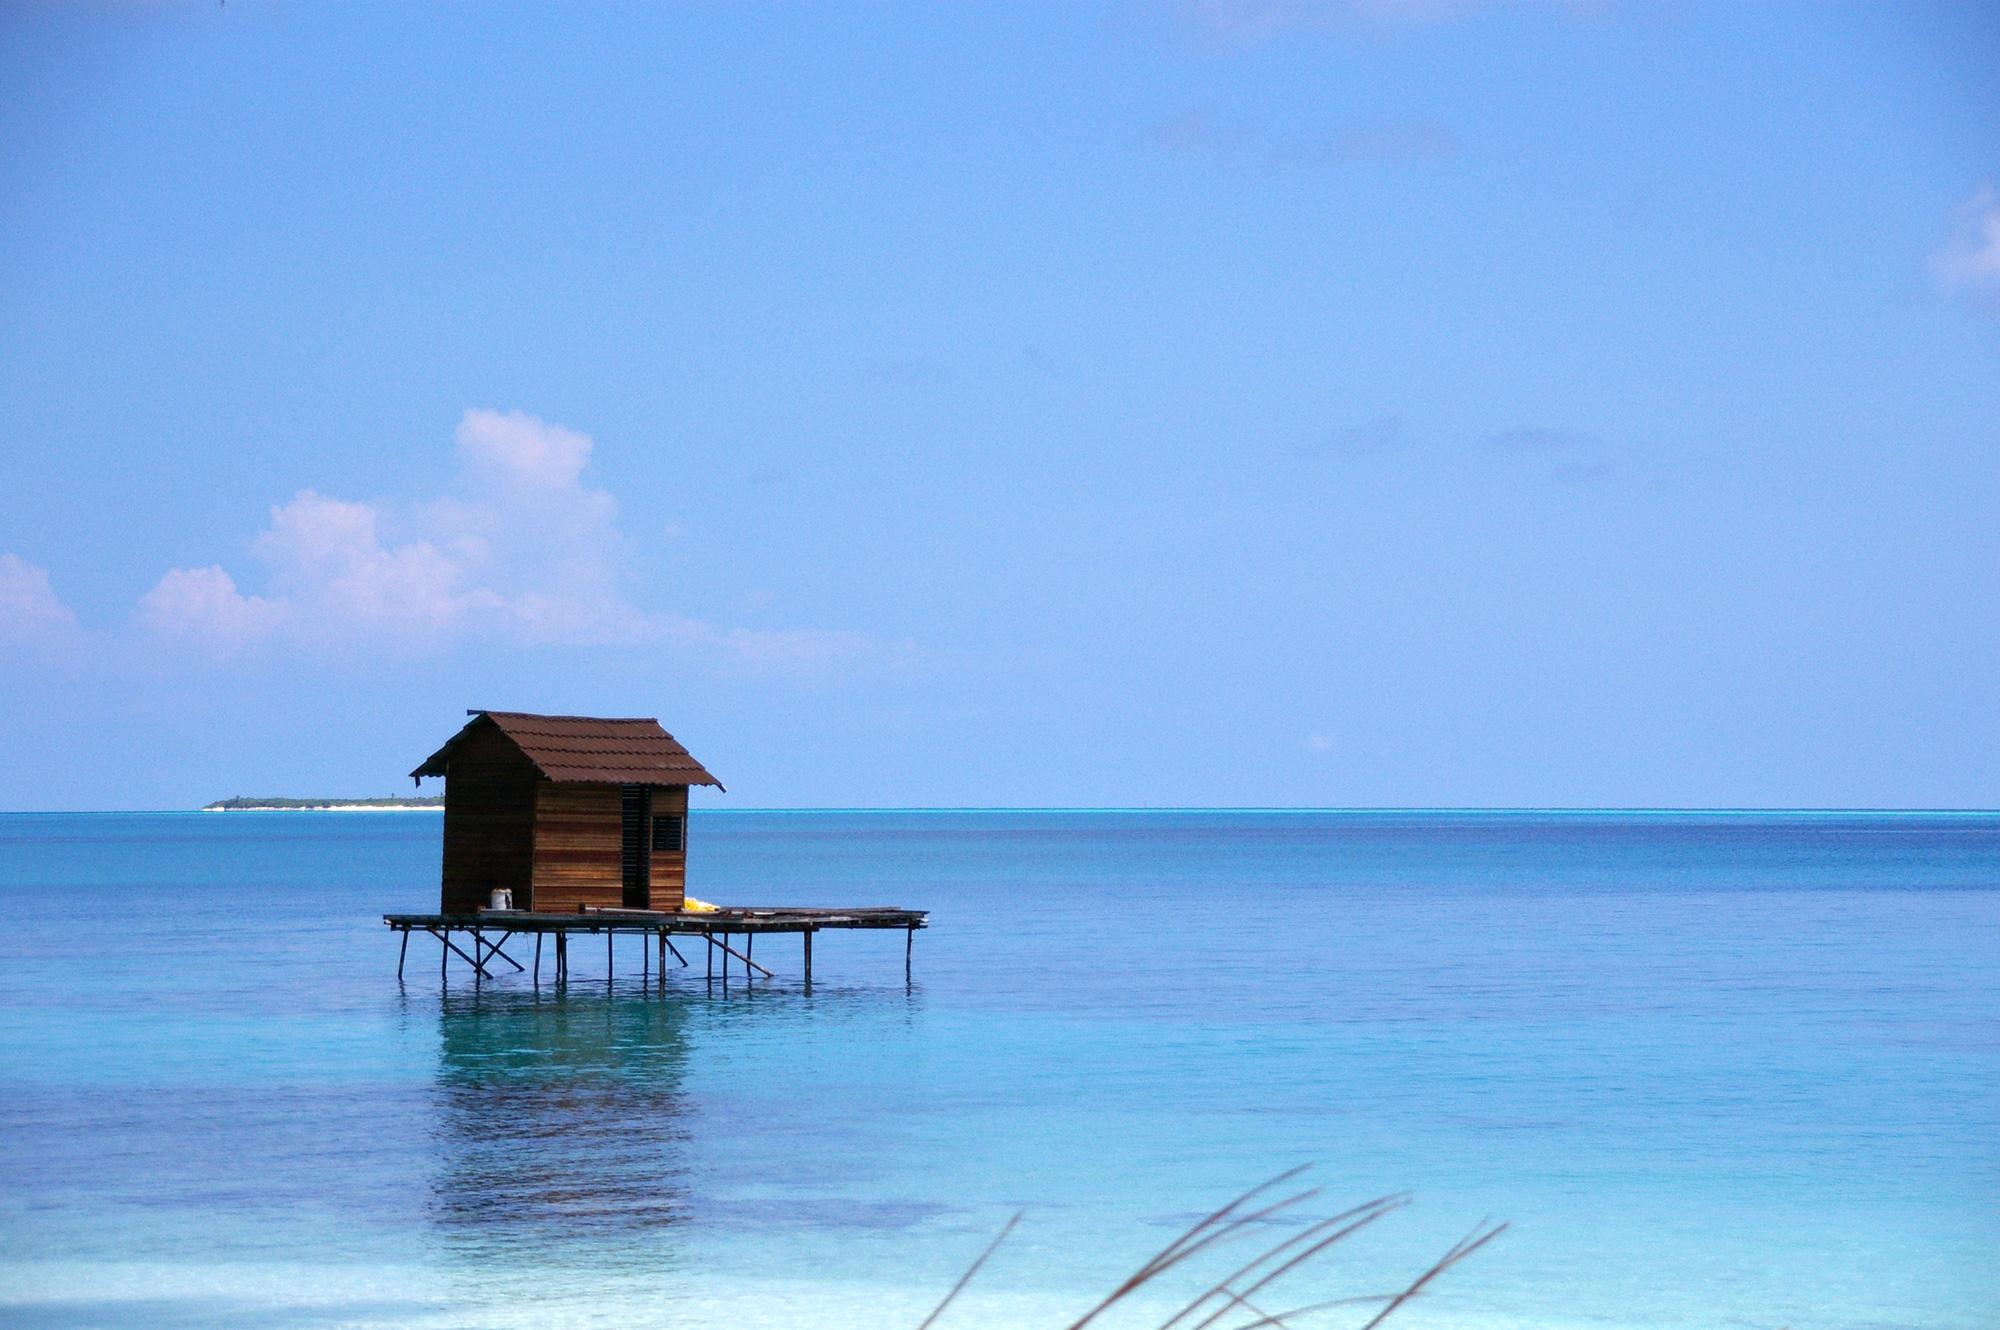 青い海に浮かぶ小屋のフリー写真素材